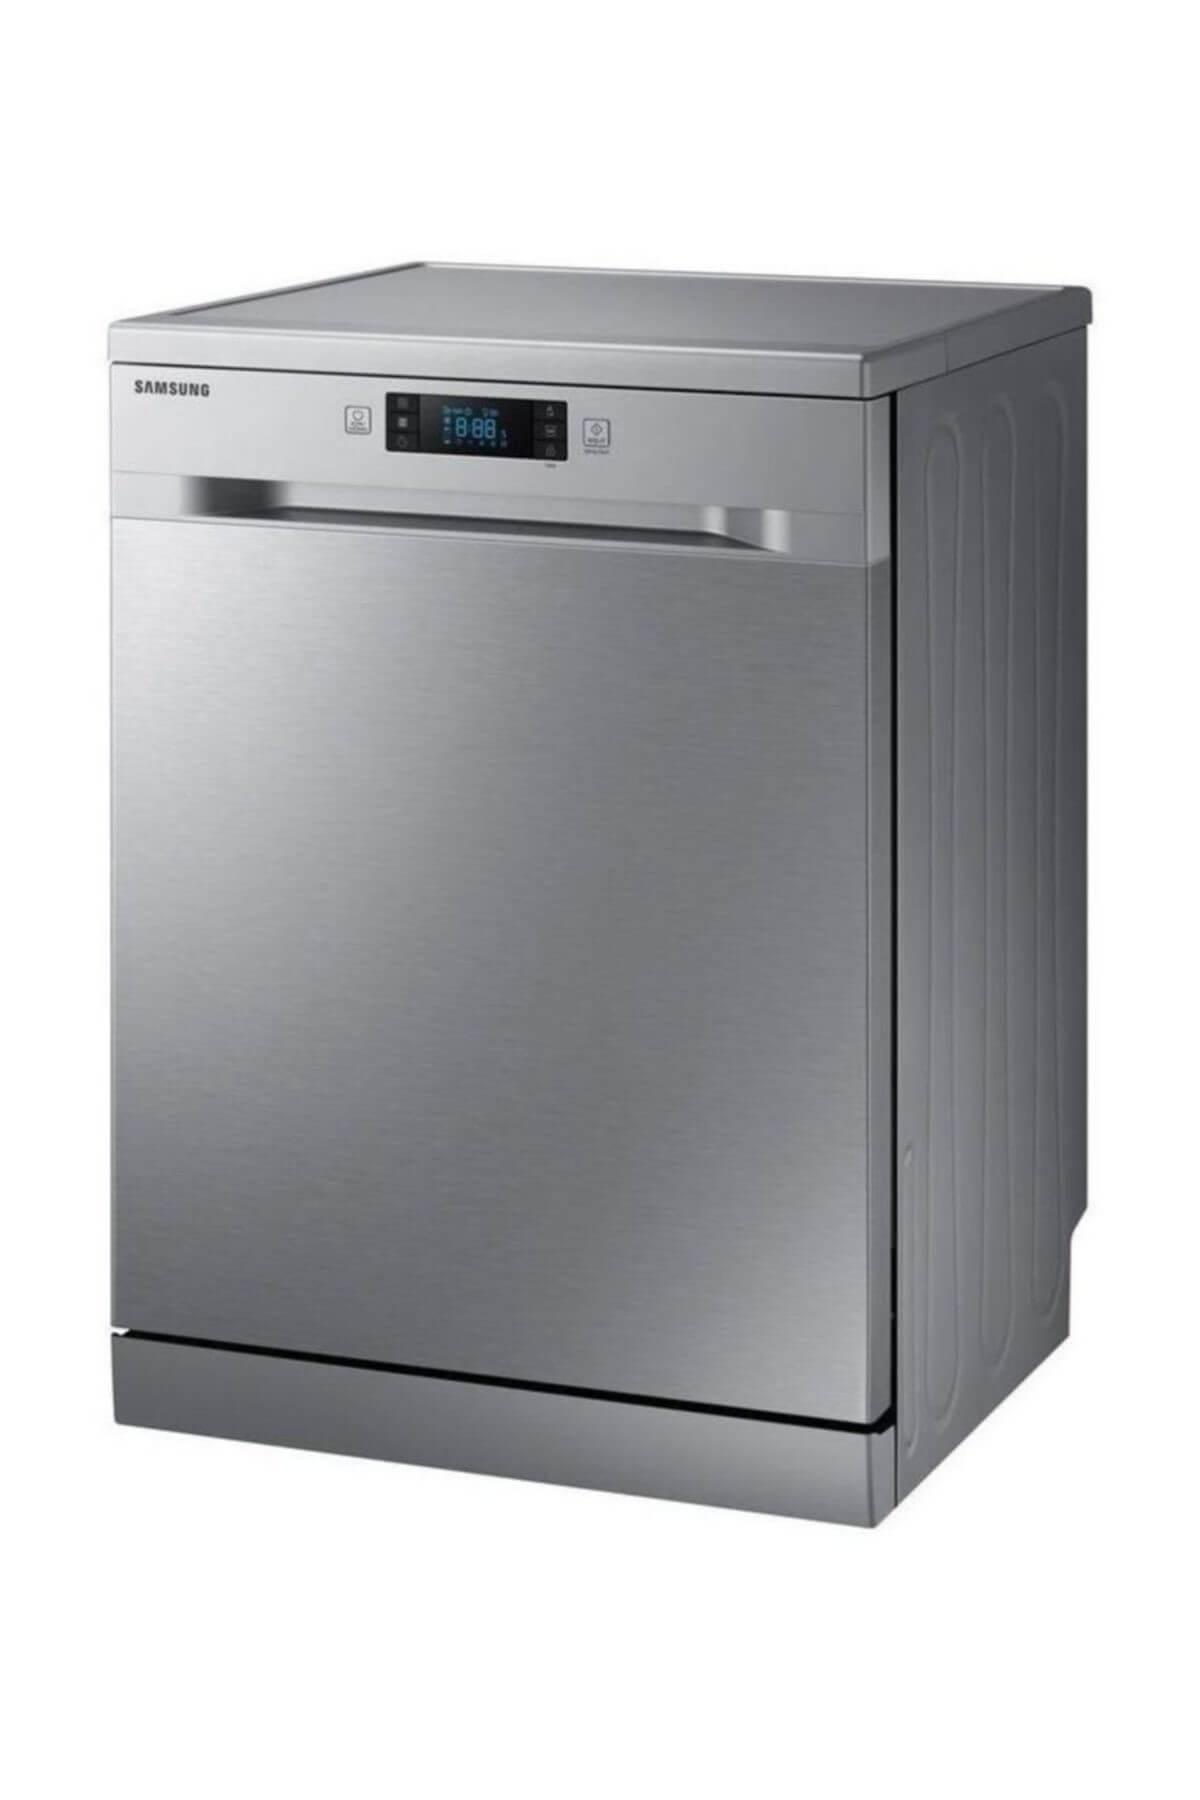 Samsung DW60M5052FS/TR 5 Programlı Inox Bulaşık Makinesi 1